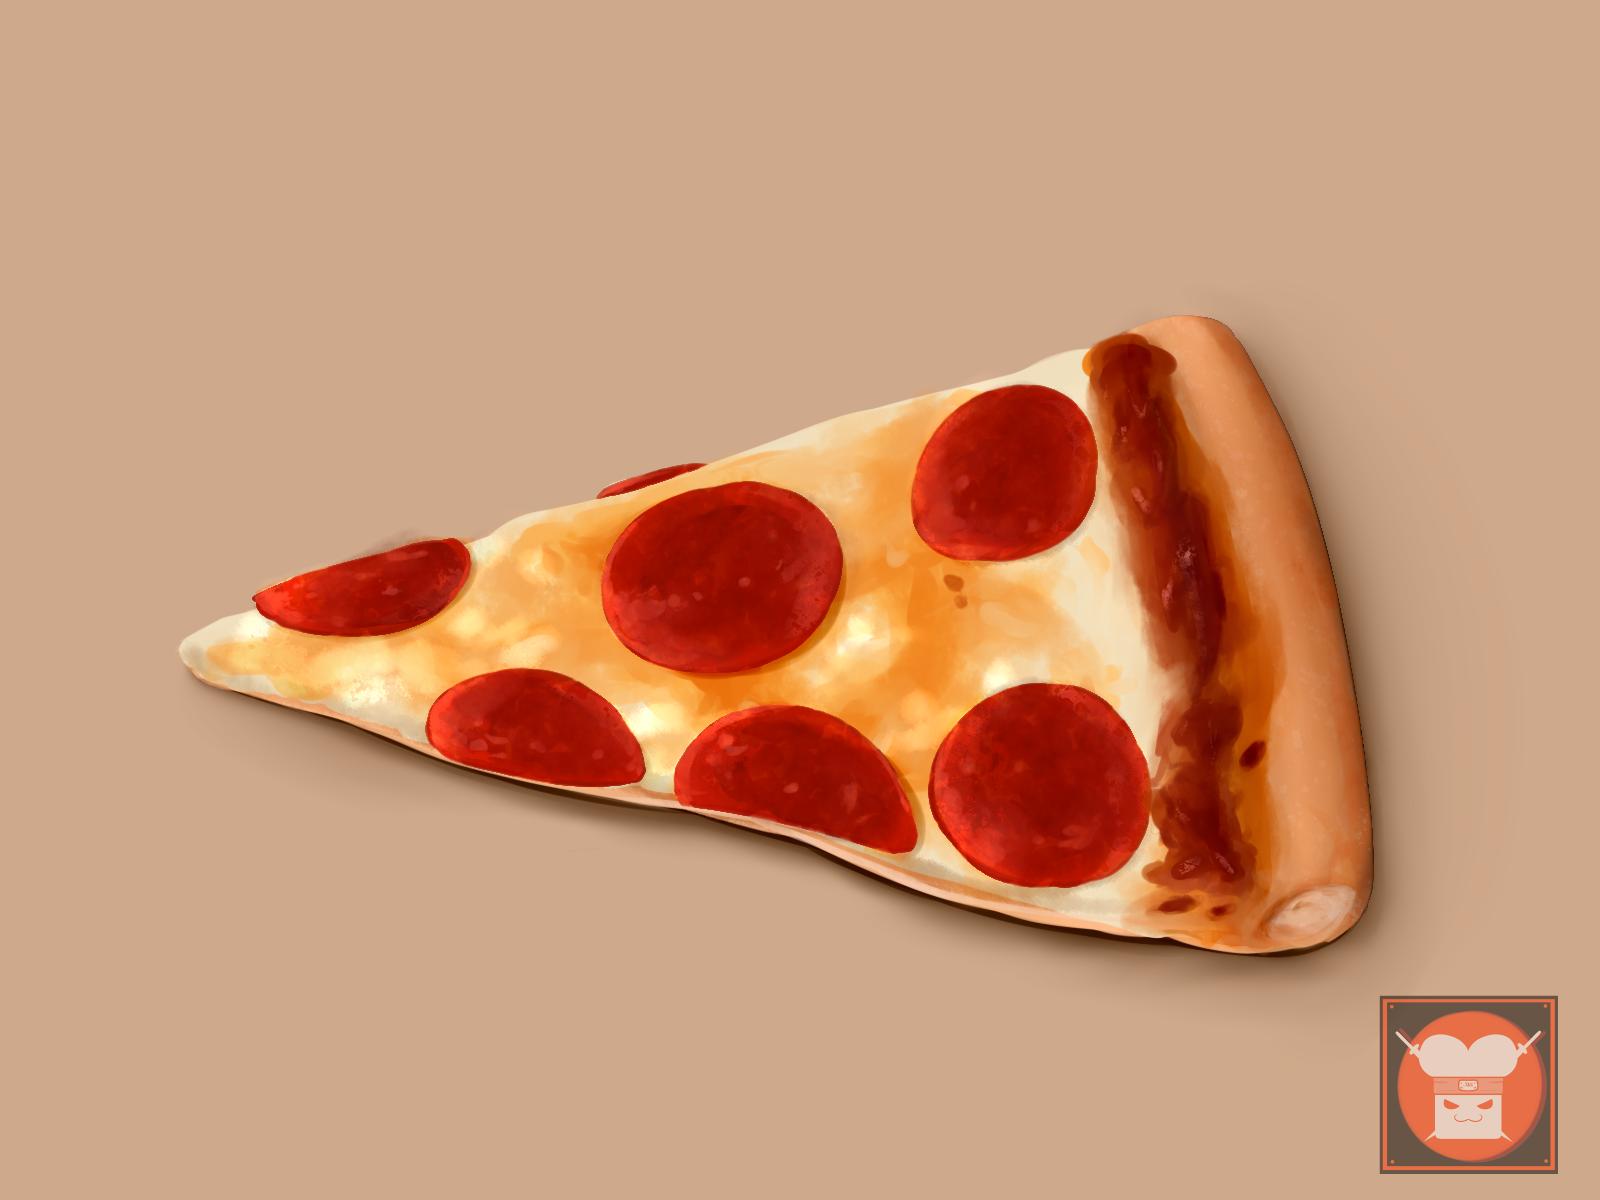 QUICK PAINT - Pizza